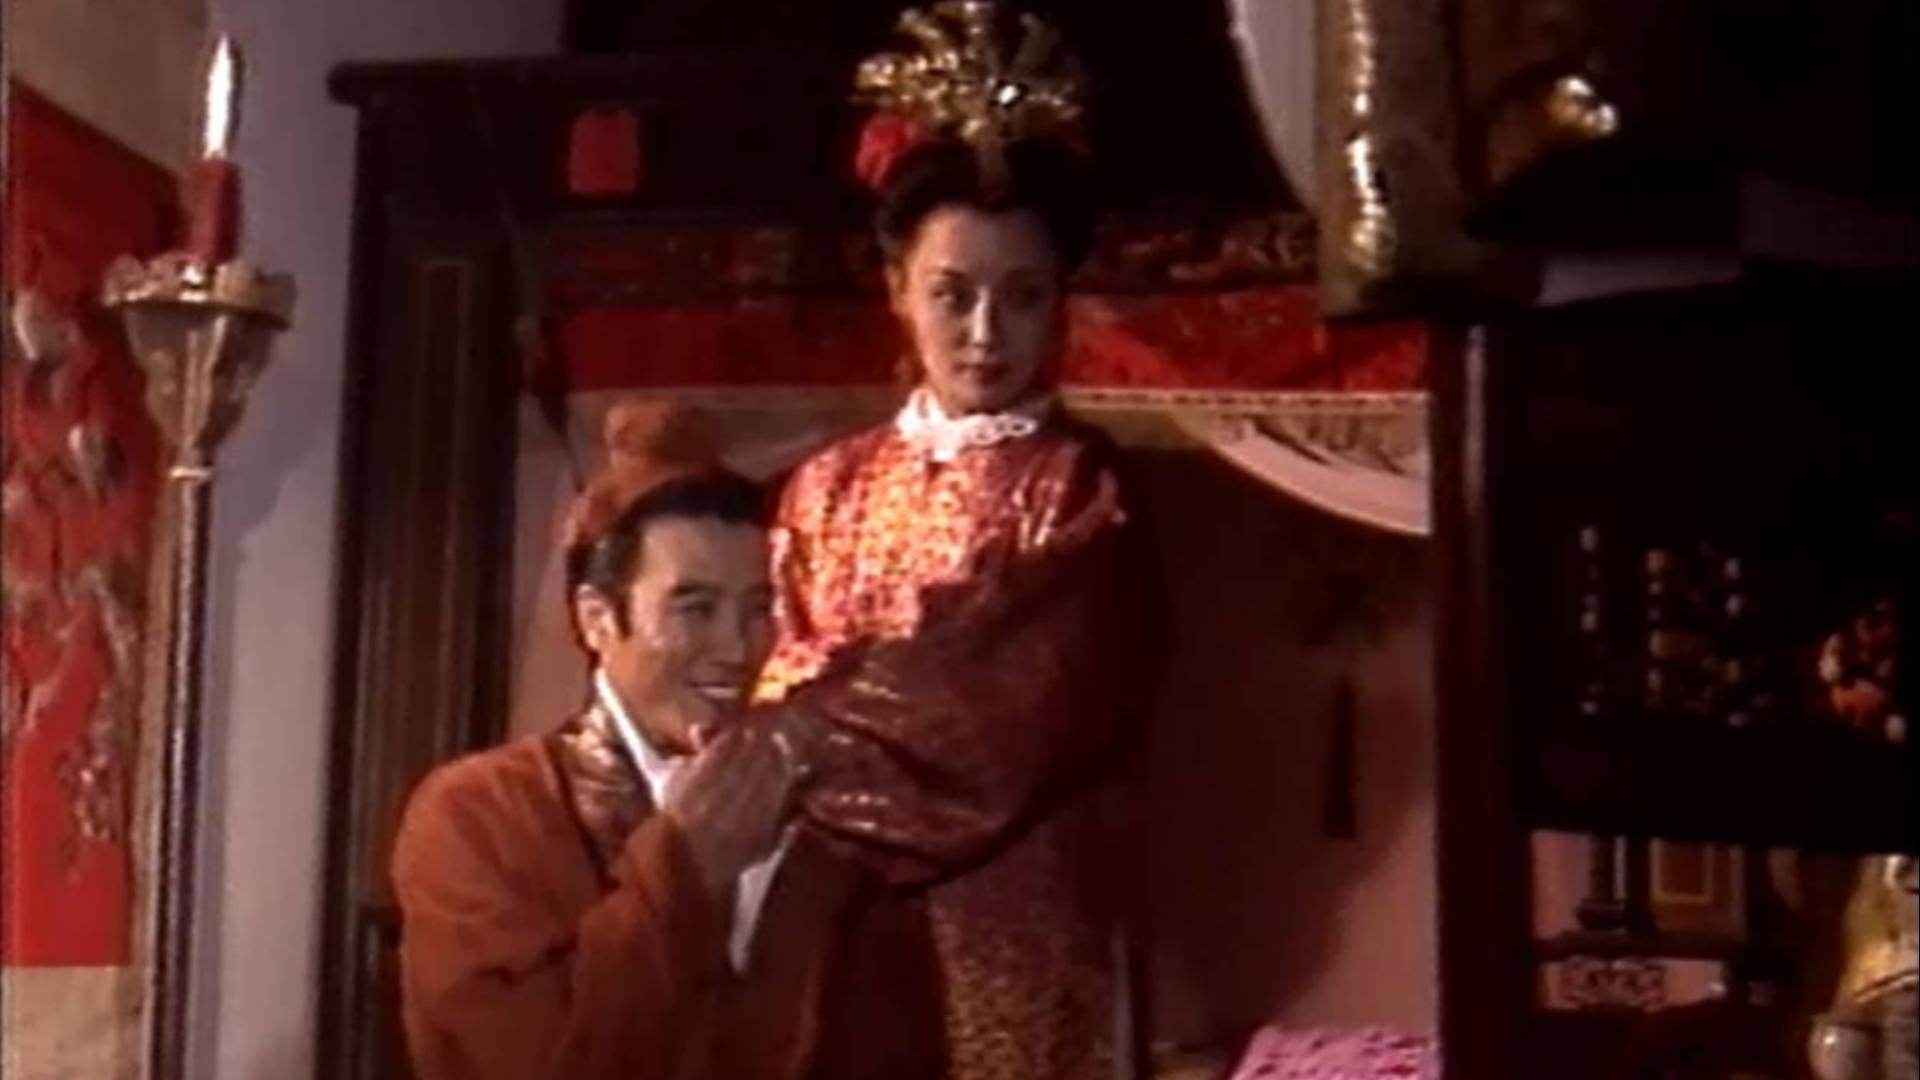 聊斋:狐仙嫁给穷卖货郎,任其摆布,丈夫还不满足,竟要卖掉妻子!